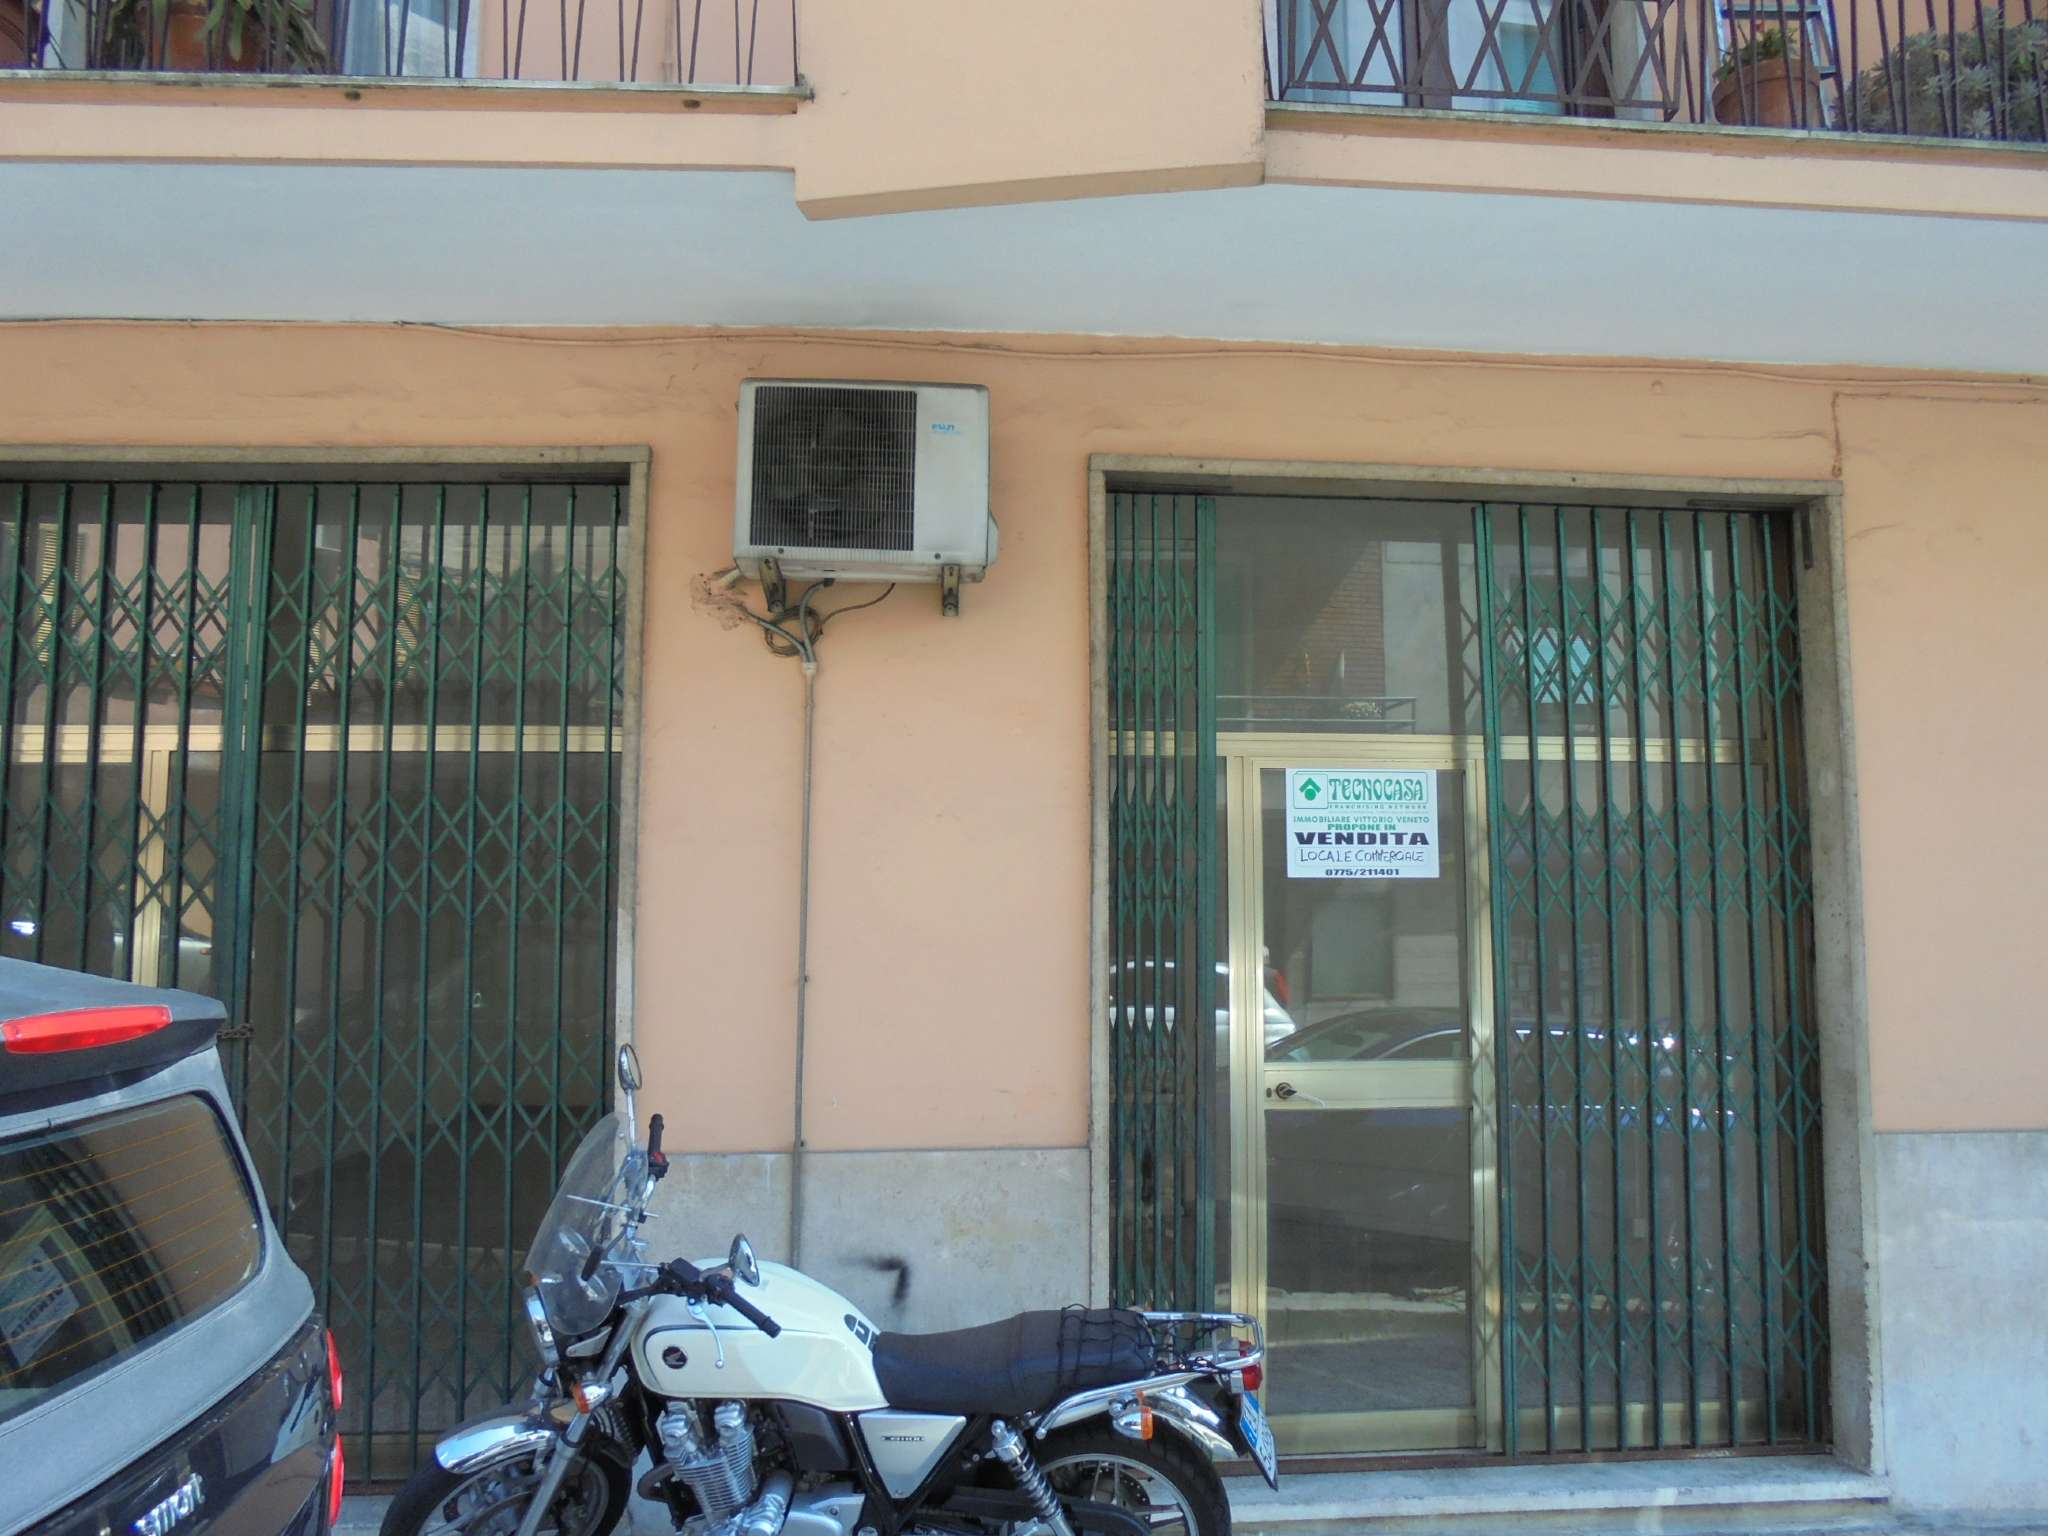 Negozio / Locale in affitto a Frosinone, 1 locali, prezzo € 300 | CambioCasa.it